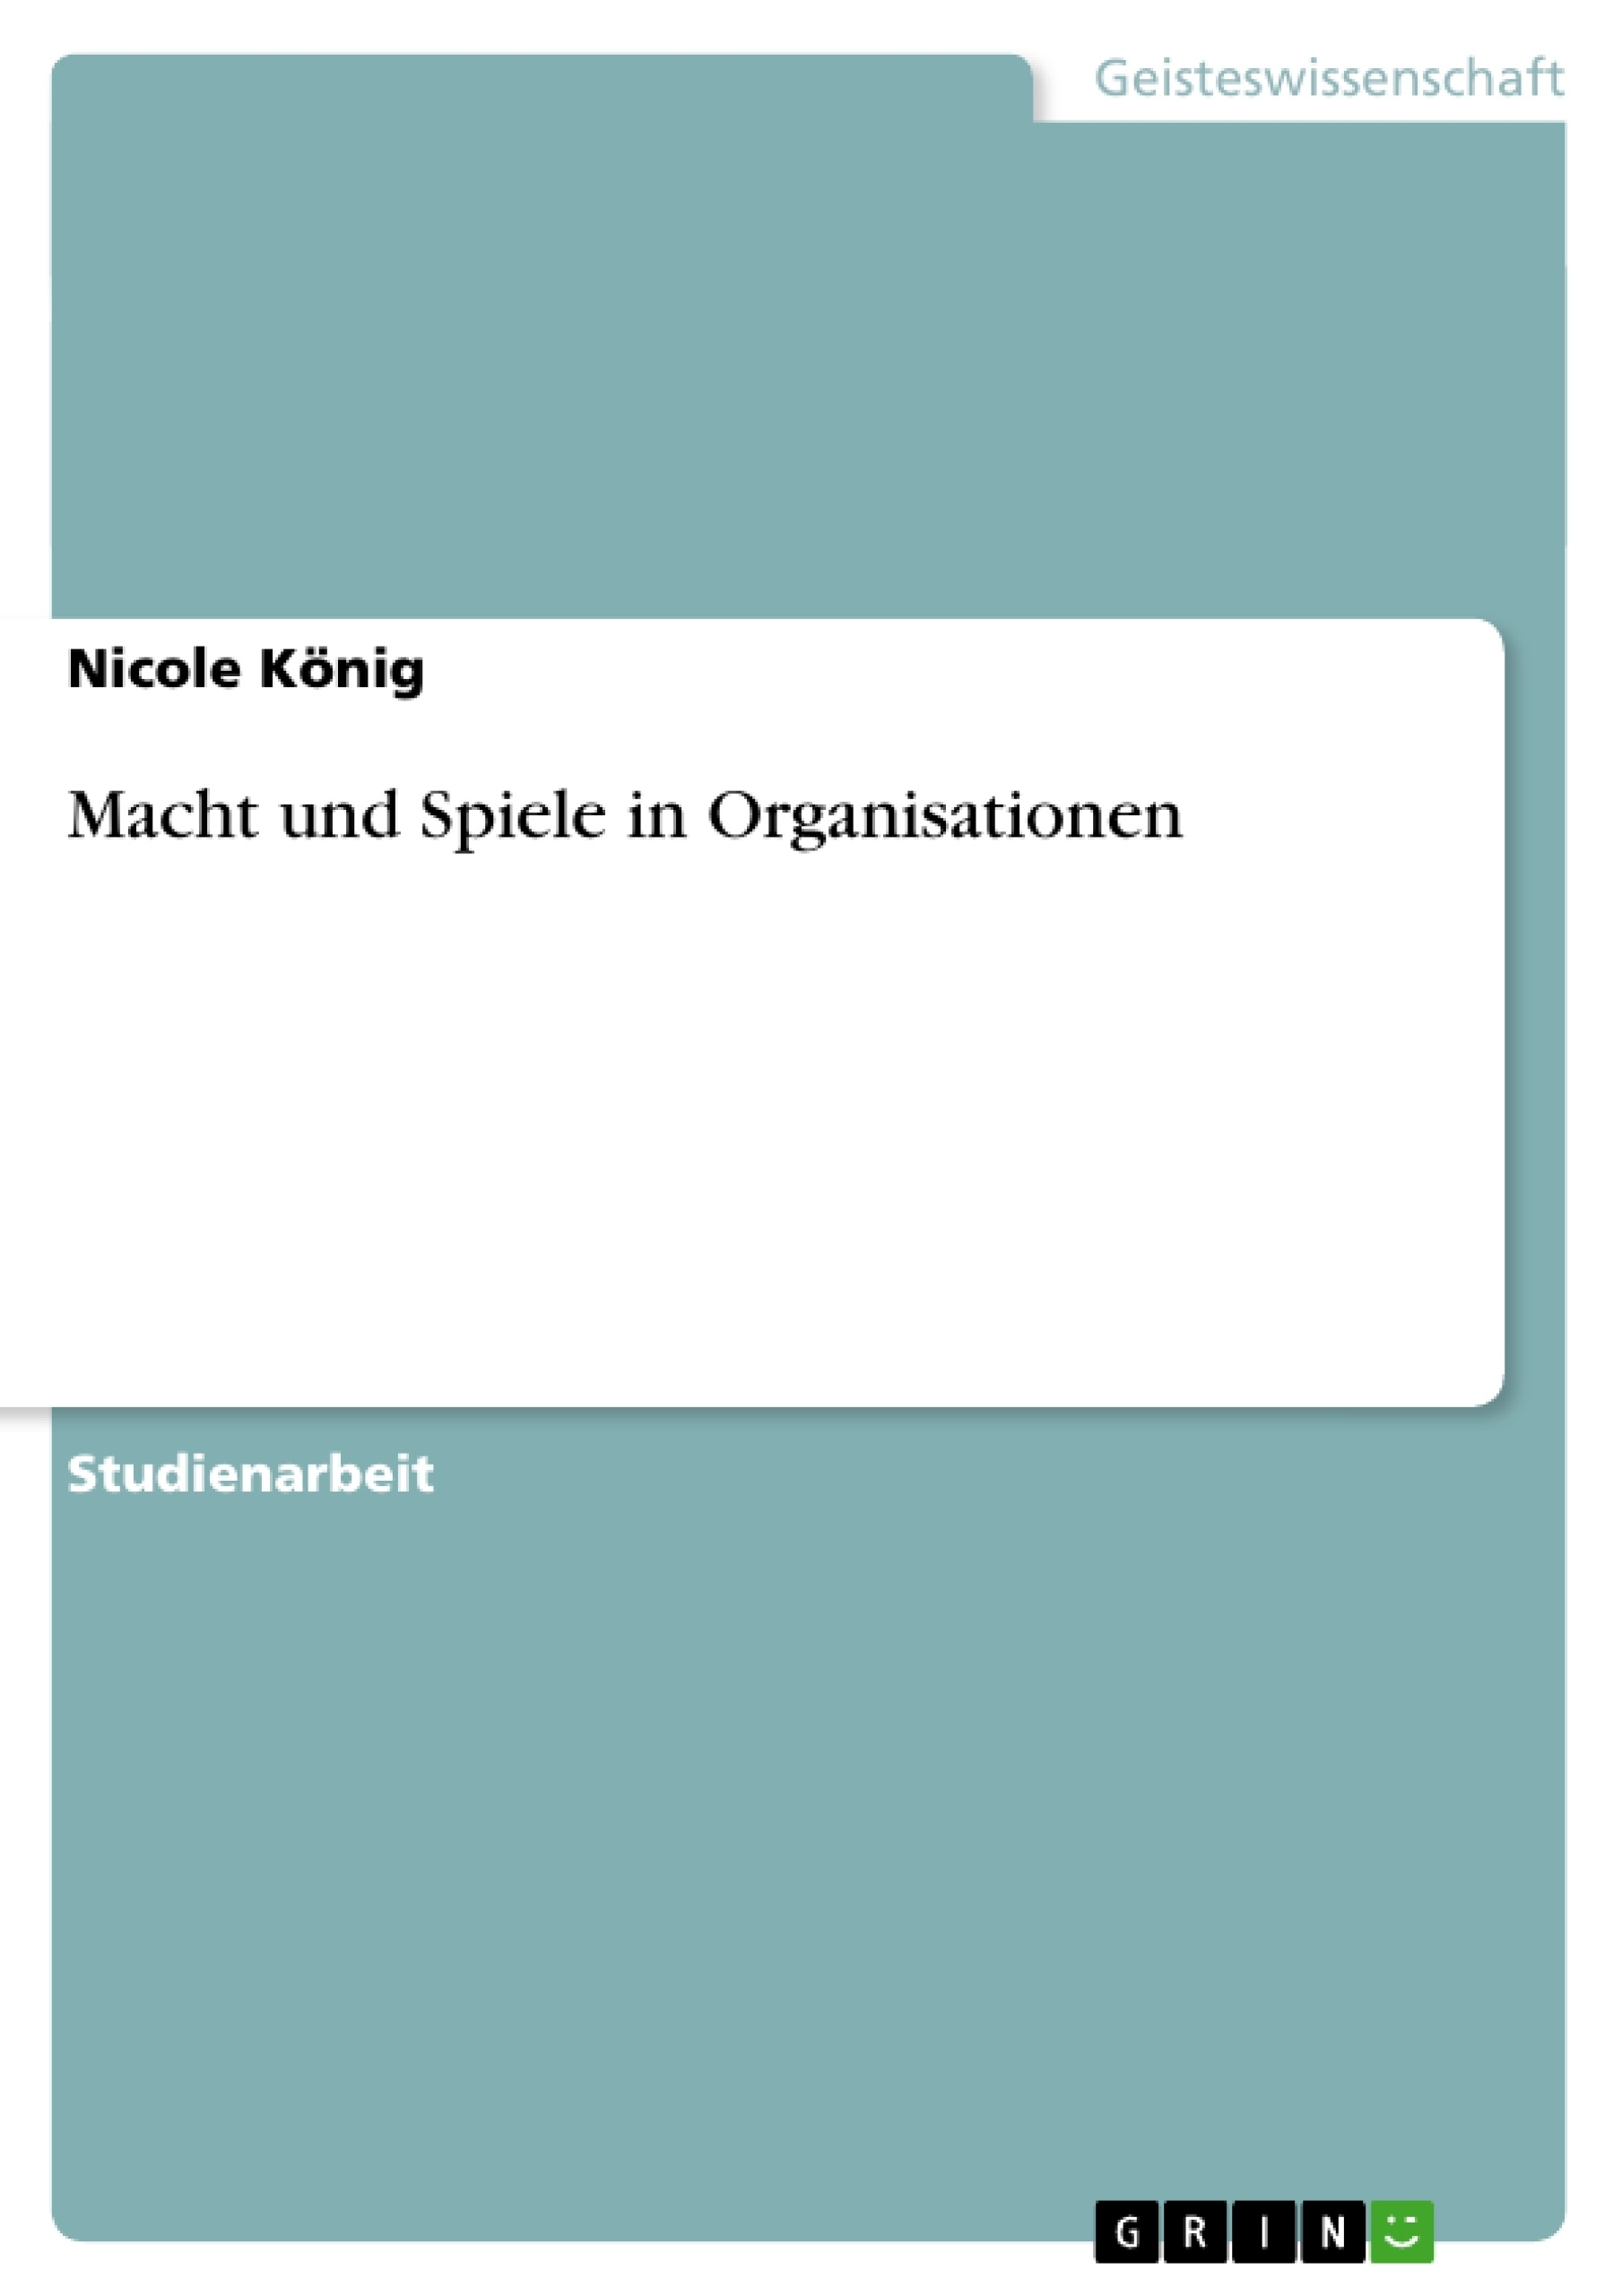 Titel: Macht und Spiele in Organisationen